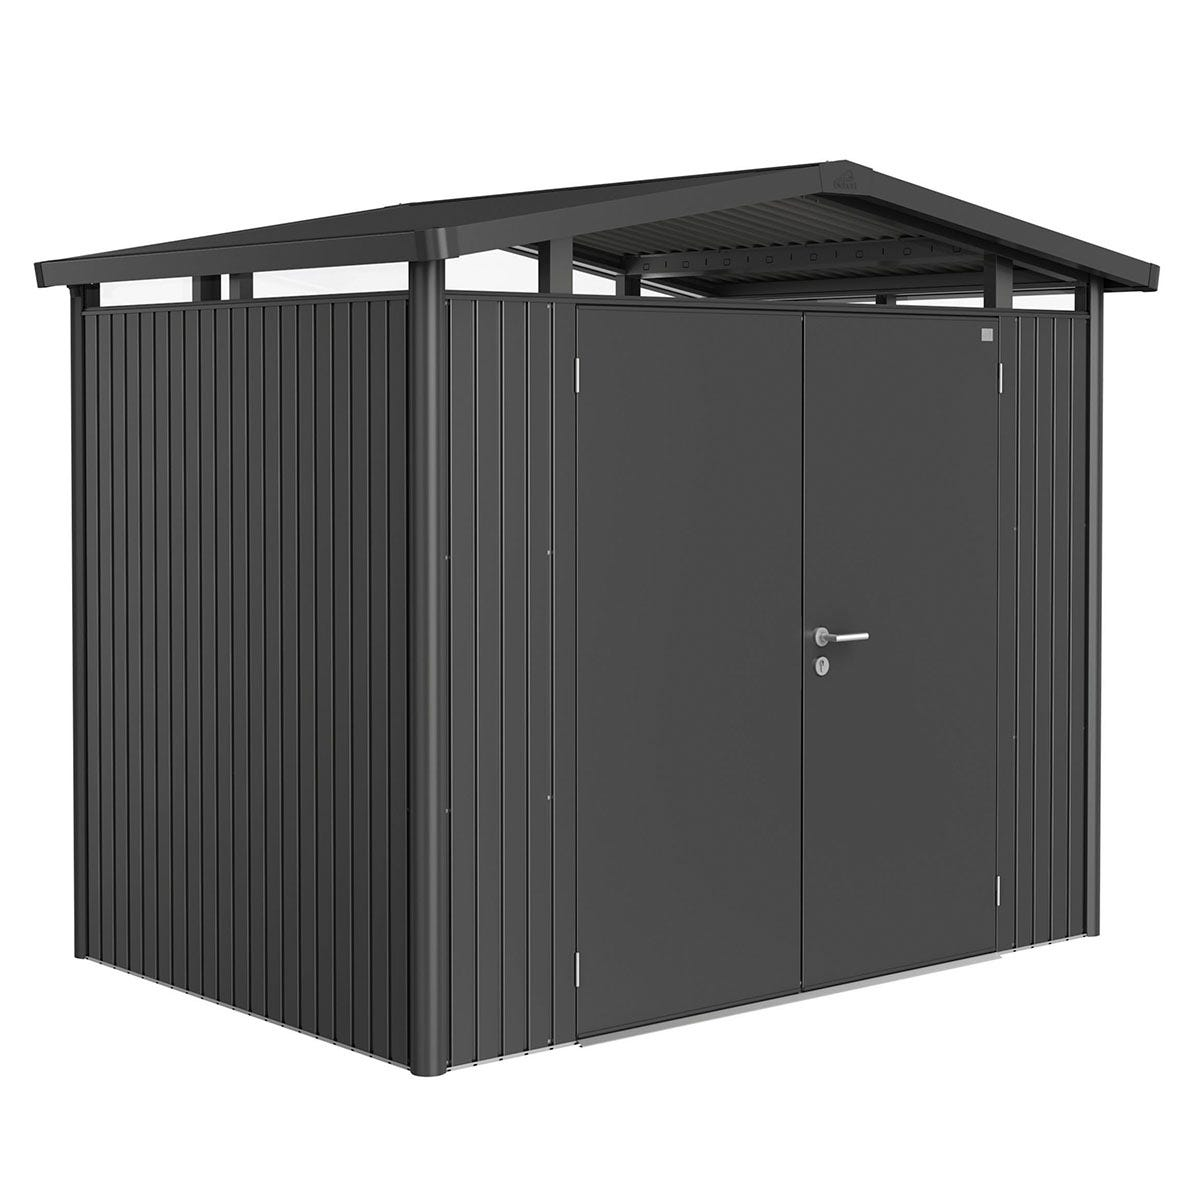 Biohort Panorama Metal Shed P2 Double Door 9' x 6' 5'' - Dark Grey